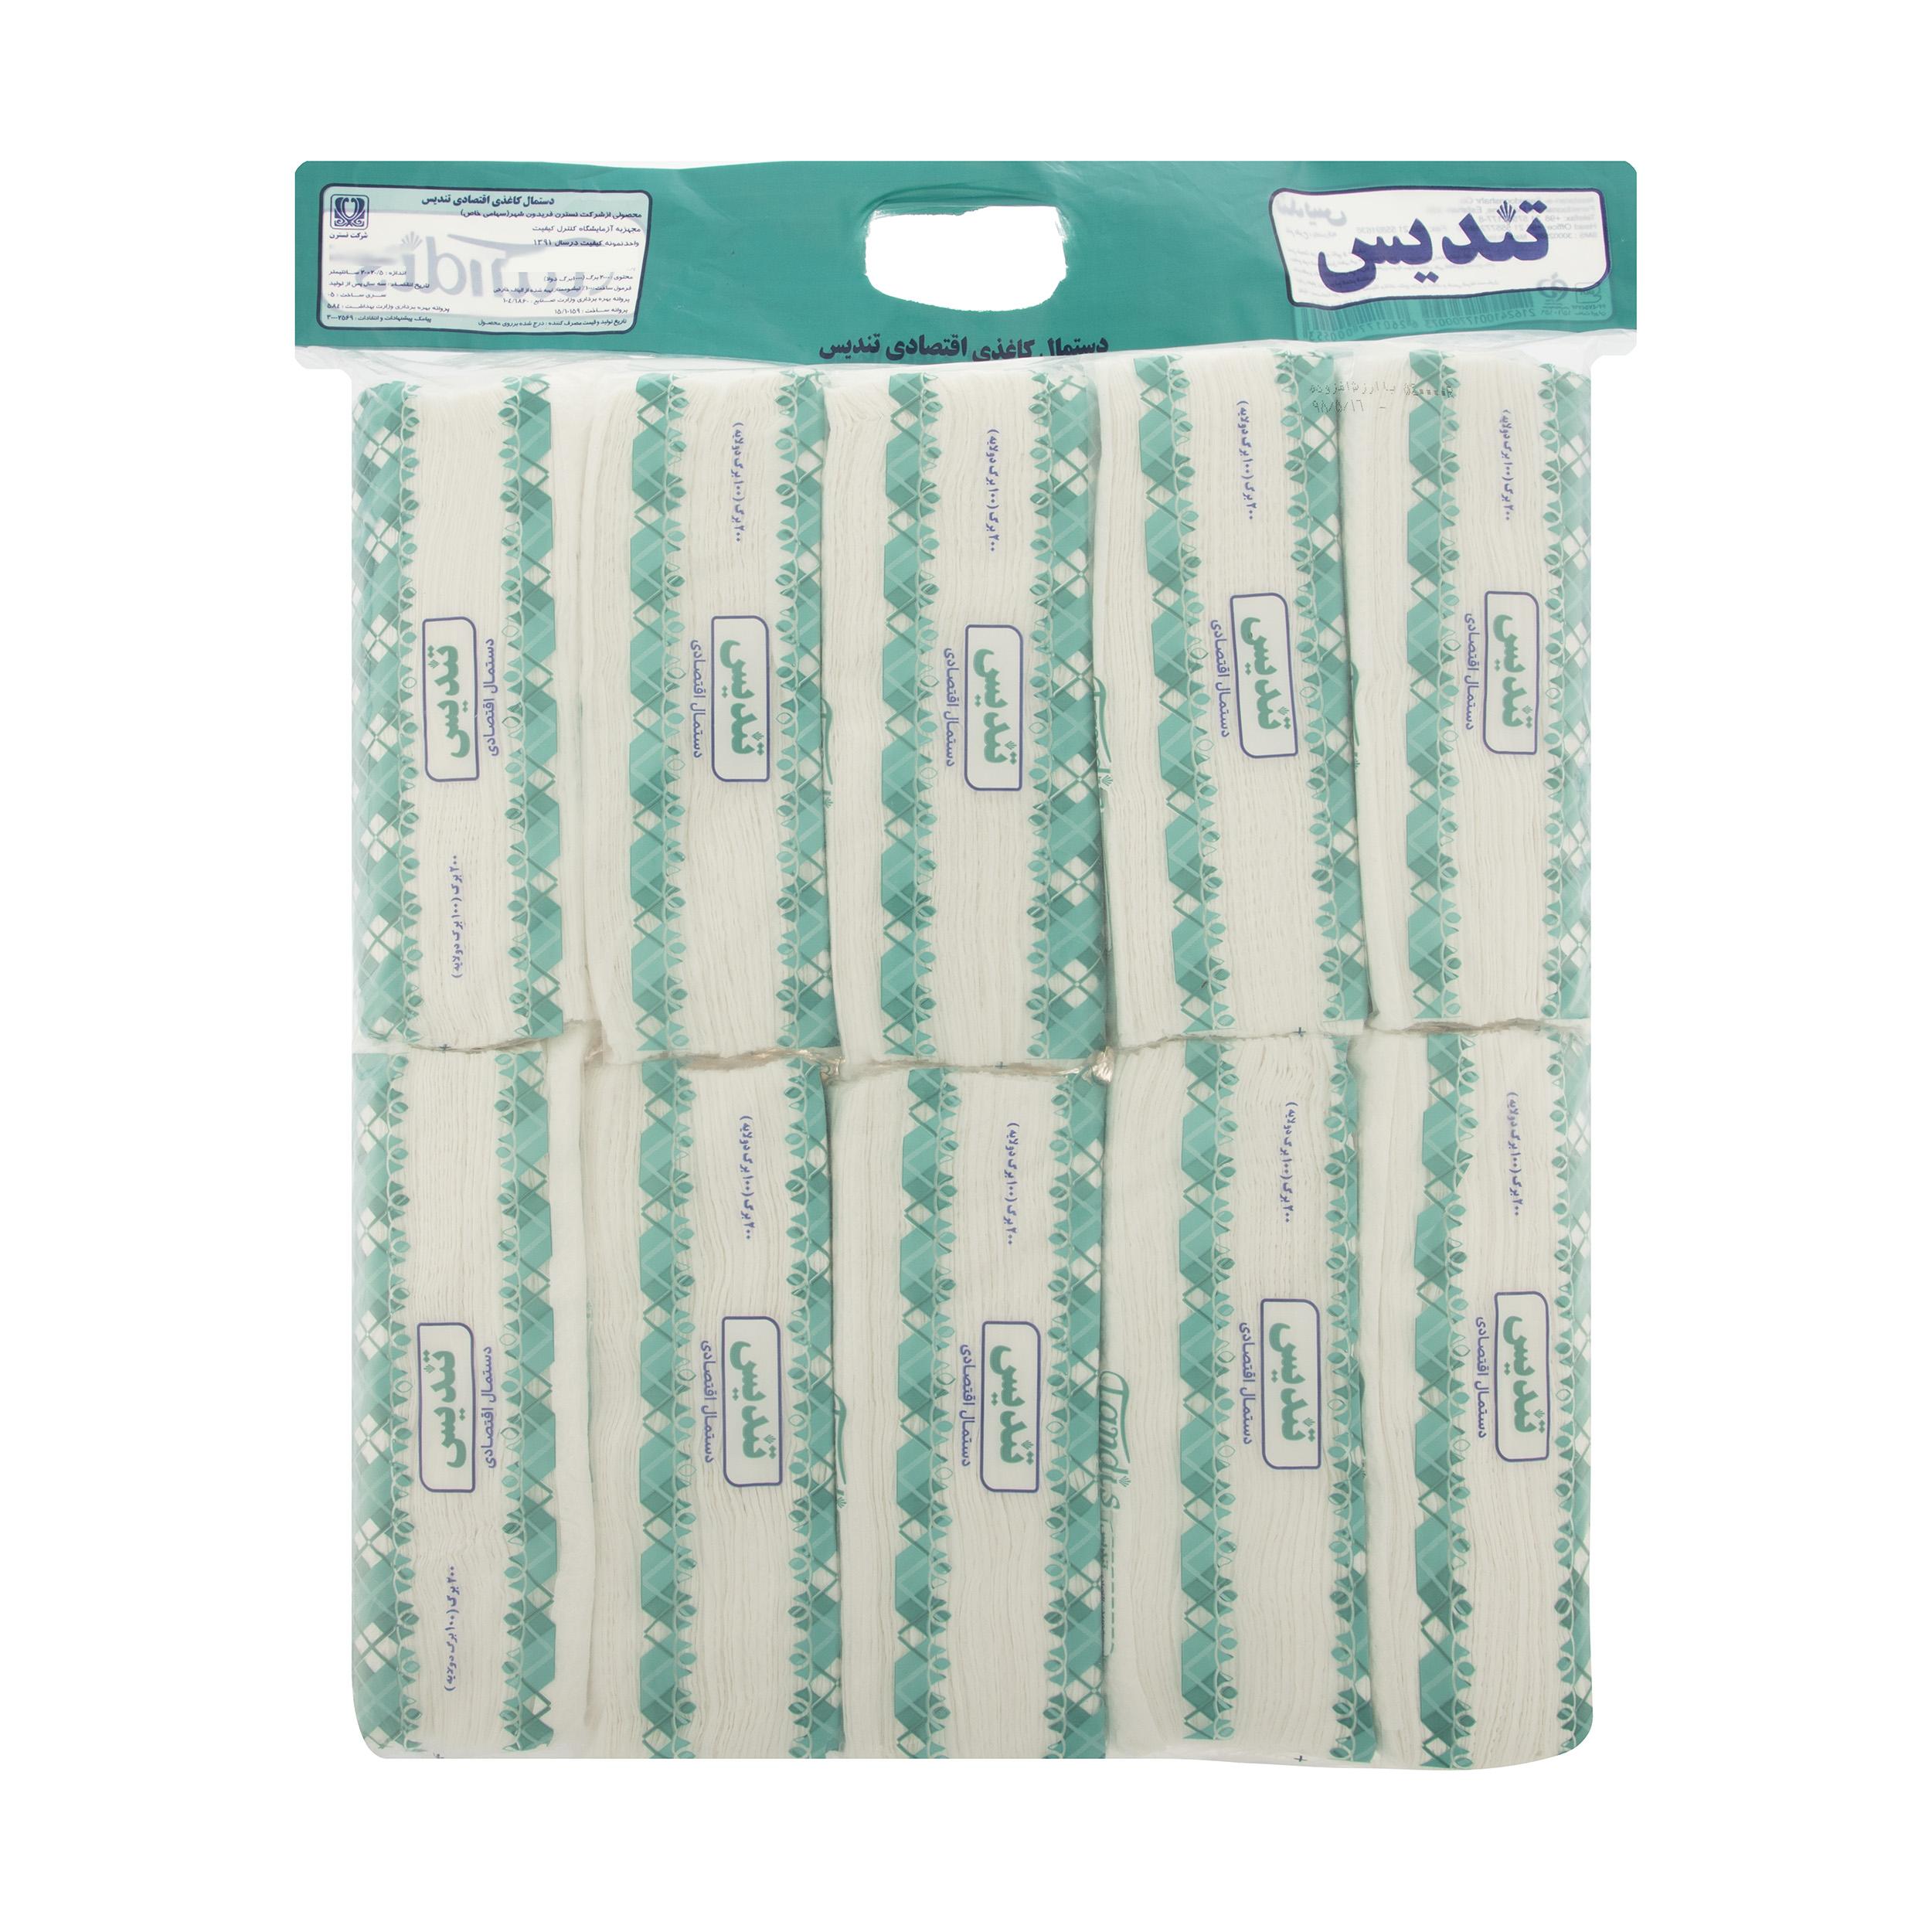 دستمال کاغذی 100 برگ تندیس بسته 10 عددی